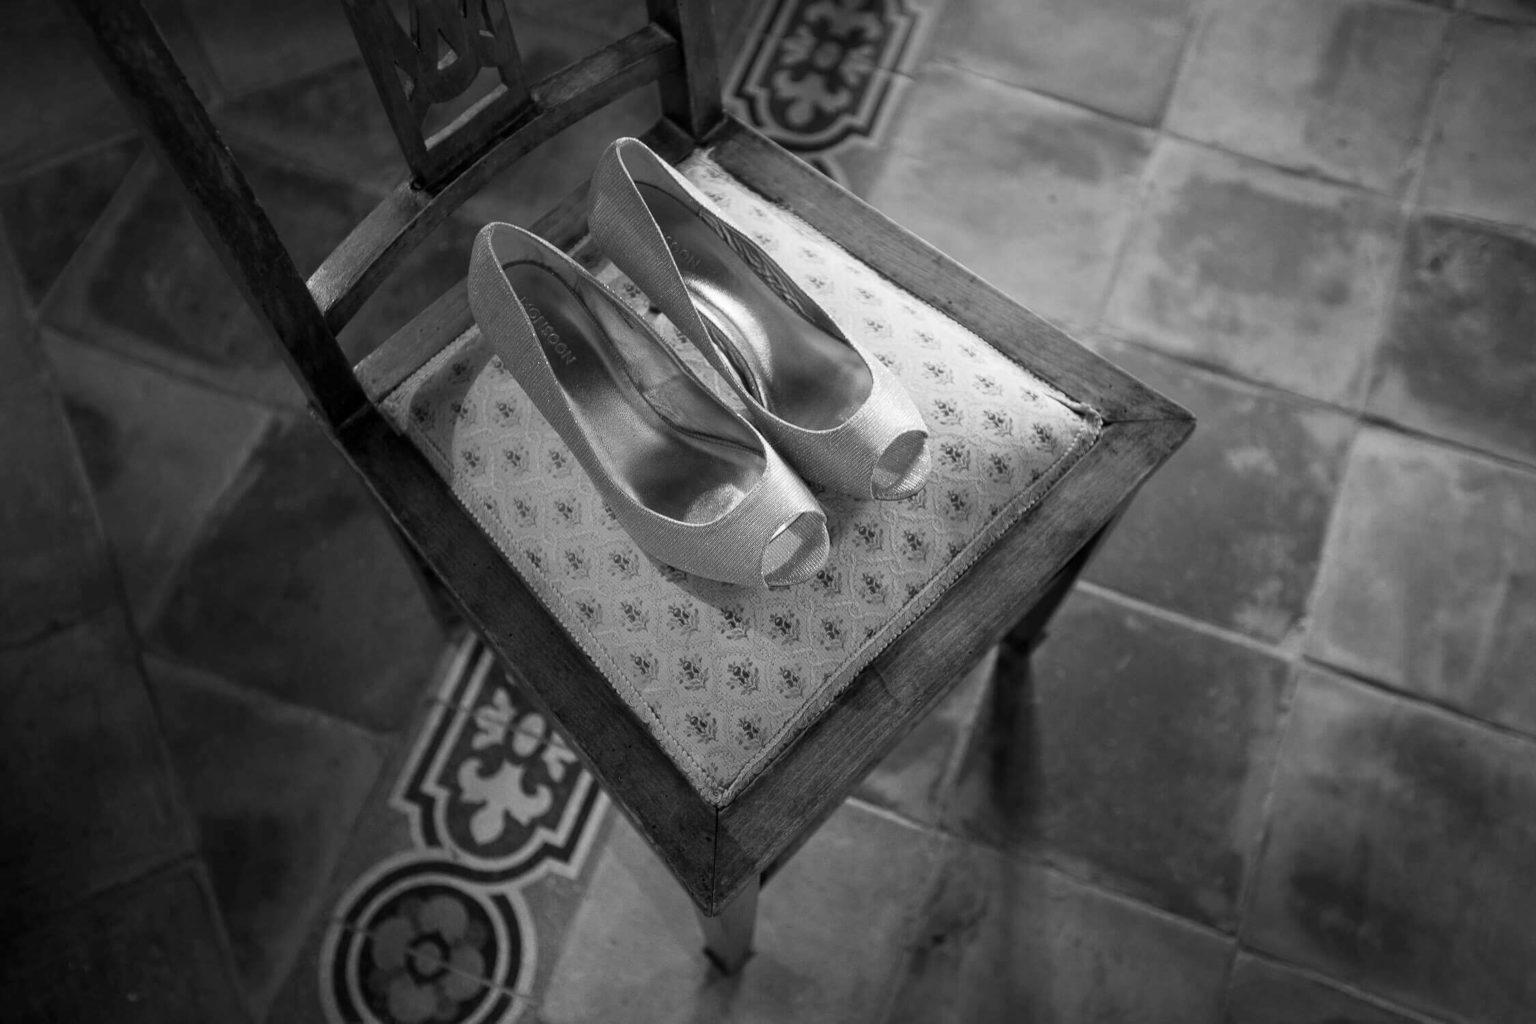 scarpe della sposa, foto bianco e nero per matrimonio di Nino Lombardo